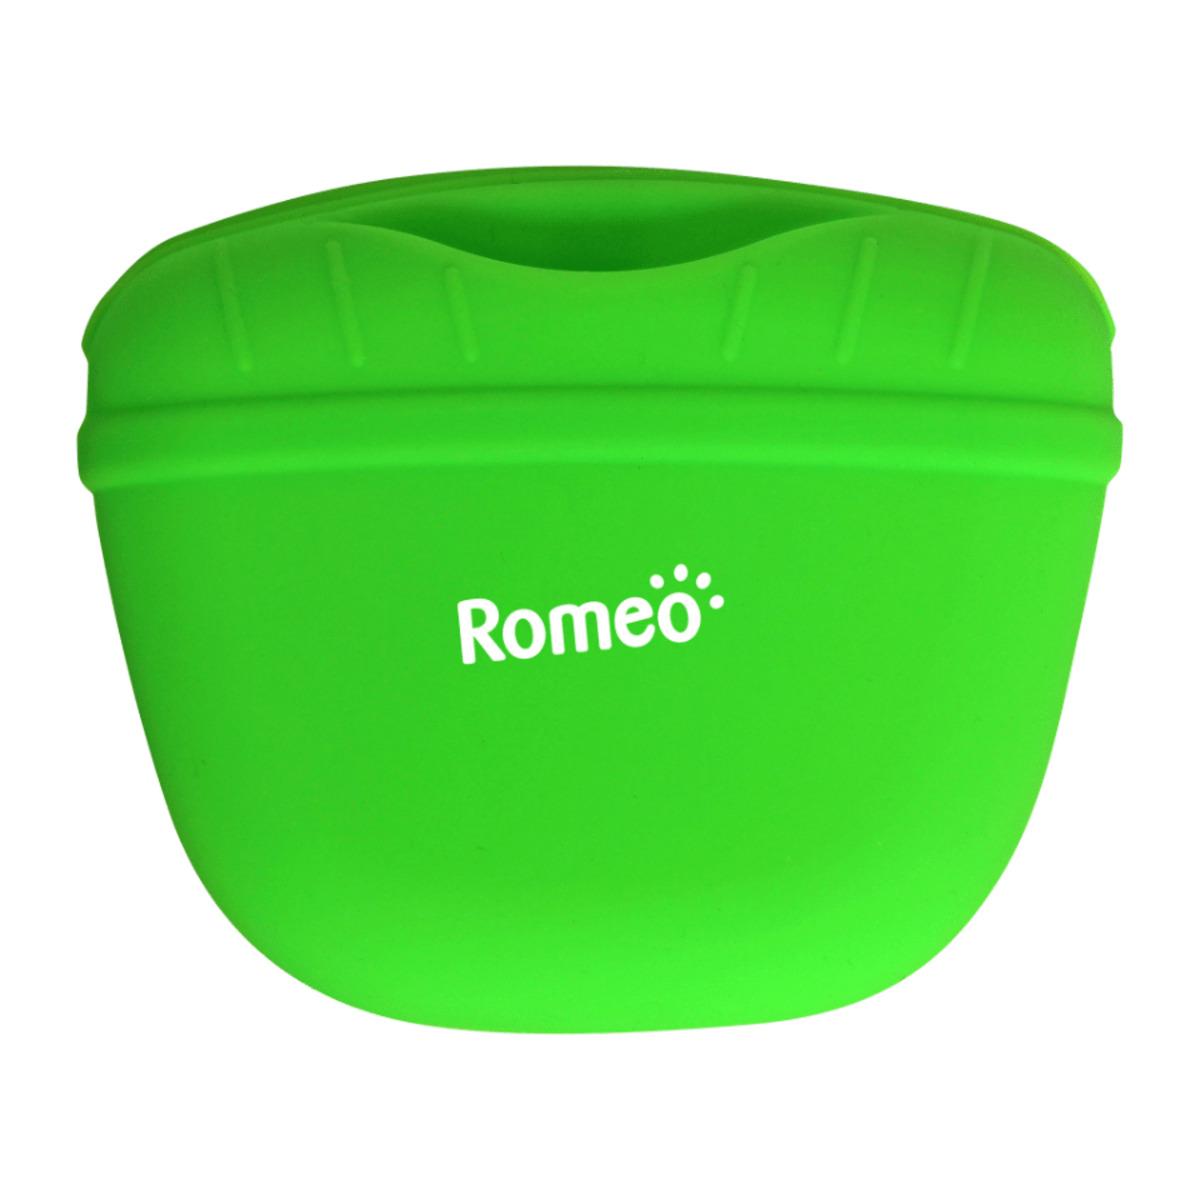 Bild 4 von ROMEO     Futtertasche